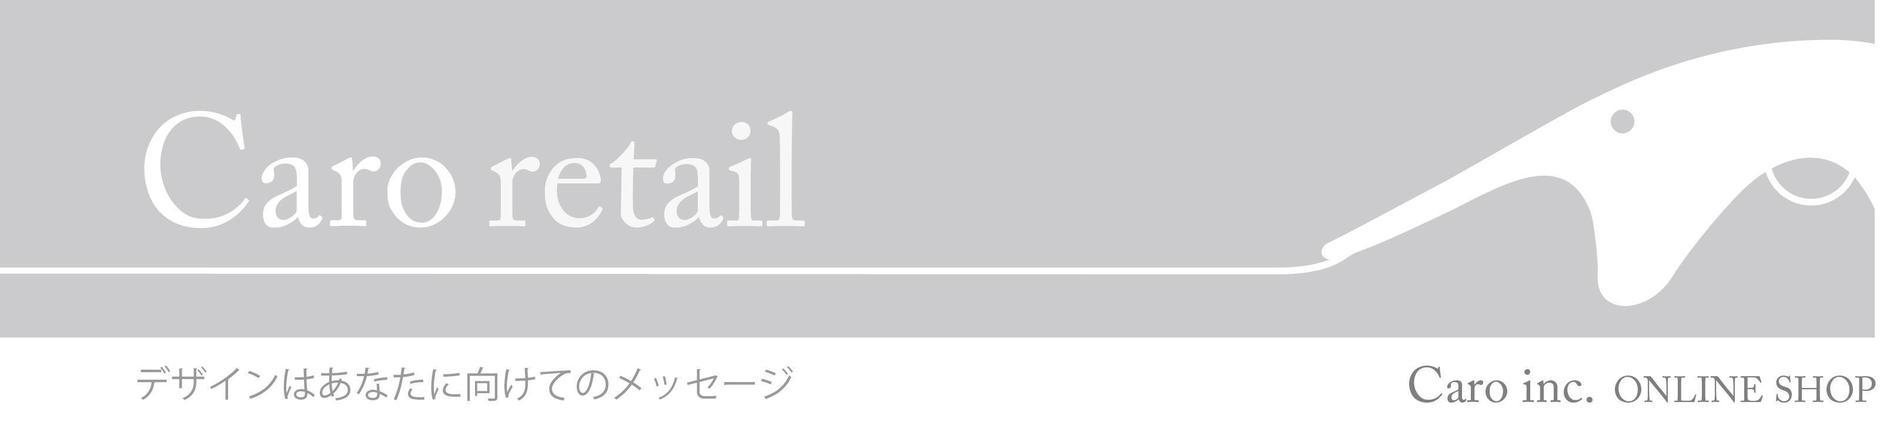 caroretail